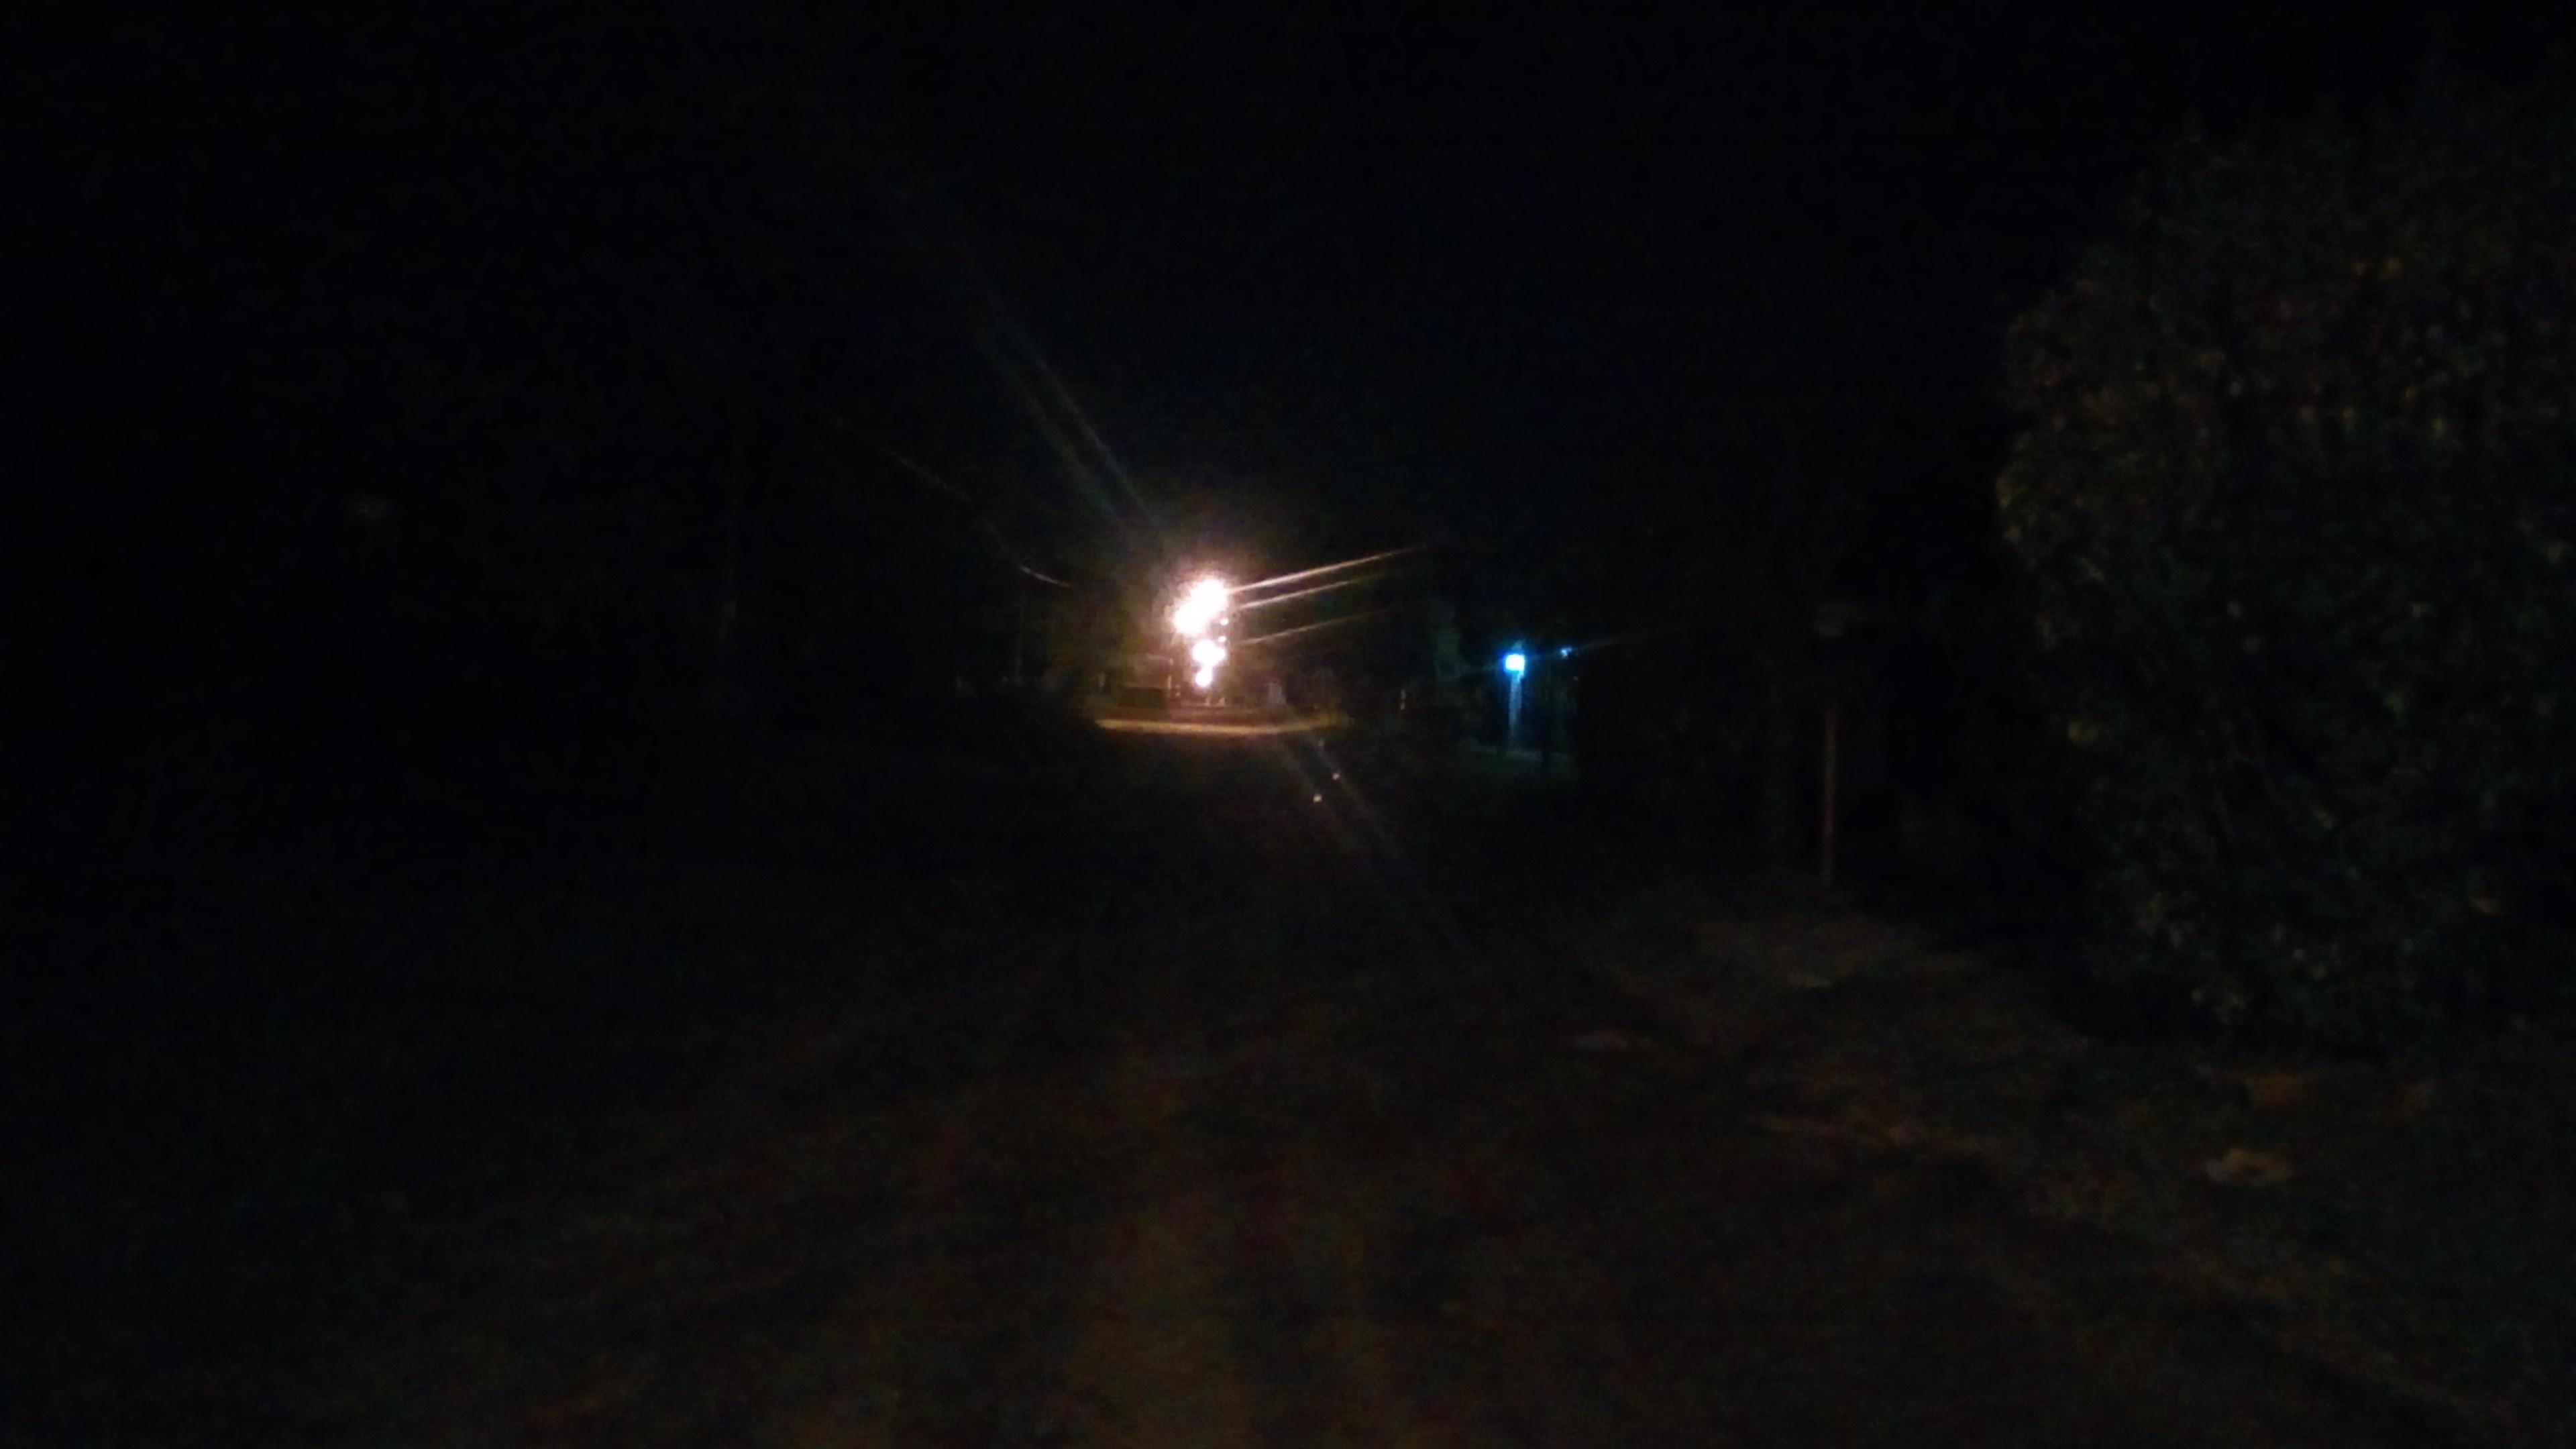 El hecho sucedió en la madrugada del pasado martes 4 de junio en un domicilio de calle Padre Silvan casi Luis Dorrego, que corre paralela al Paseo de la Ribera.